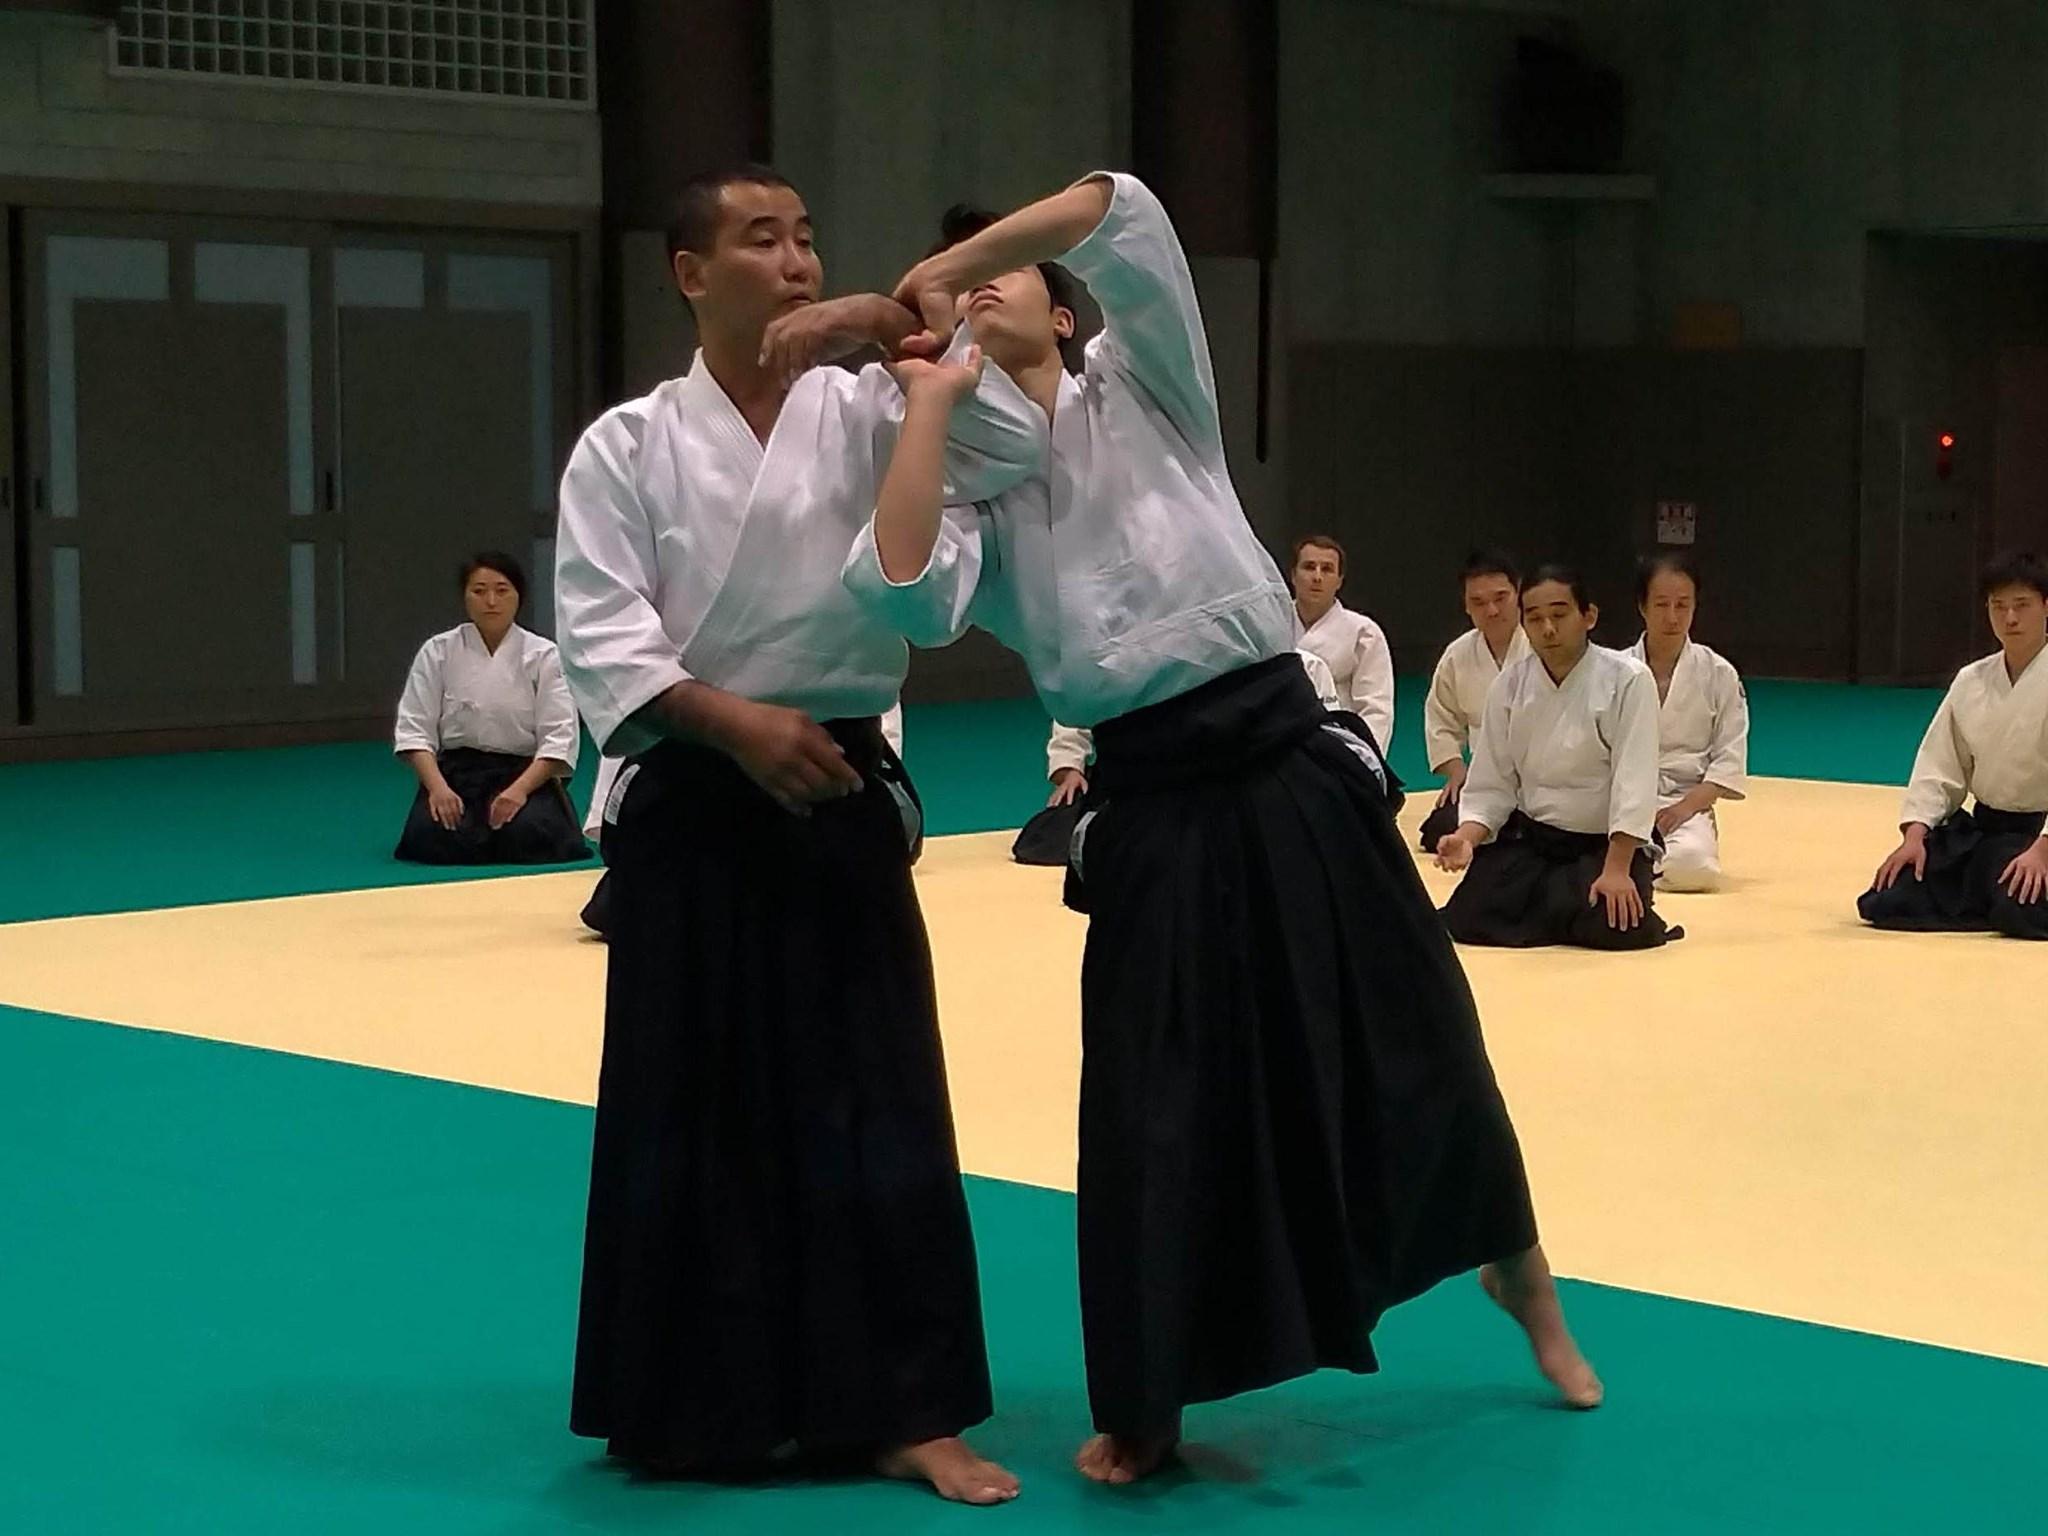 伊藤 眞 本部道場指導部師範